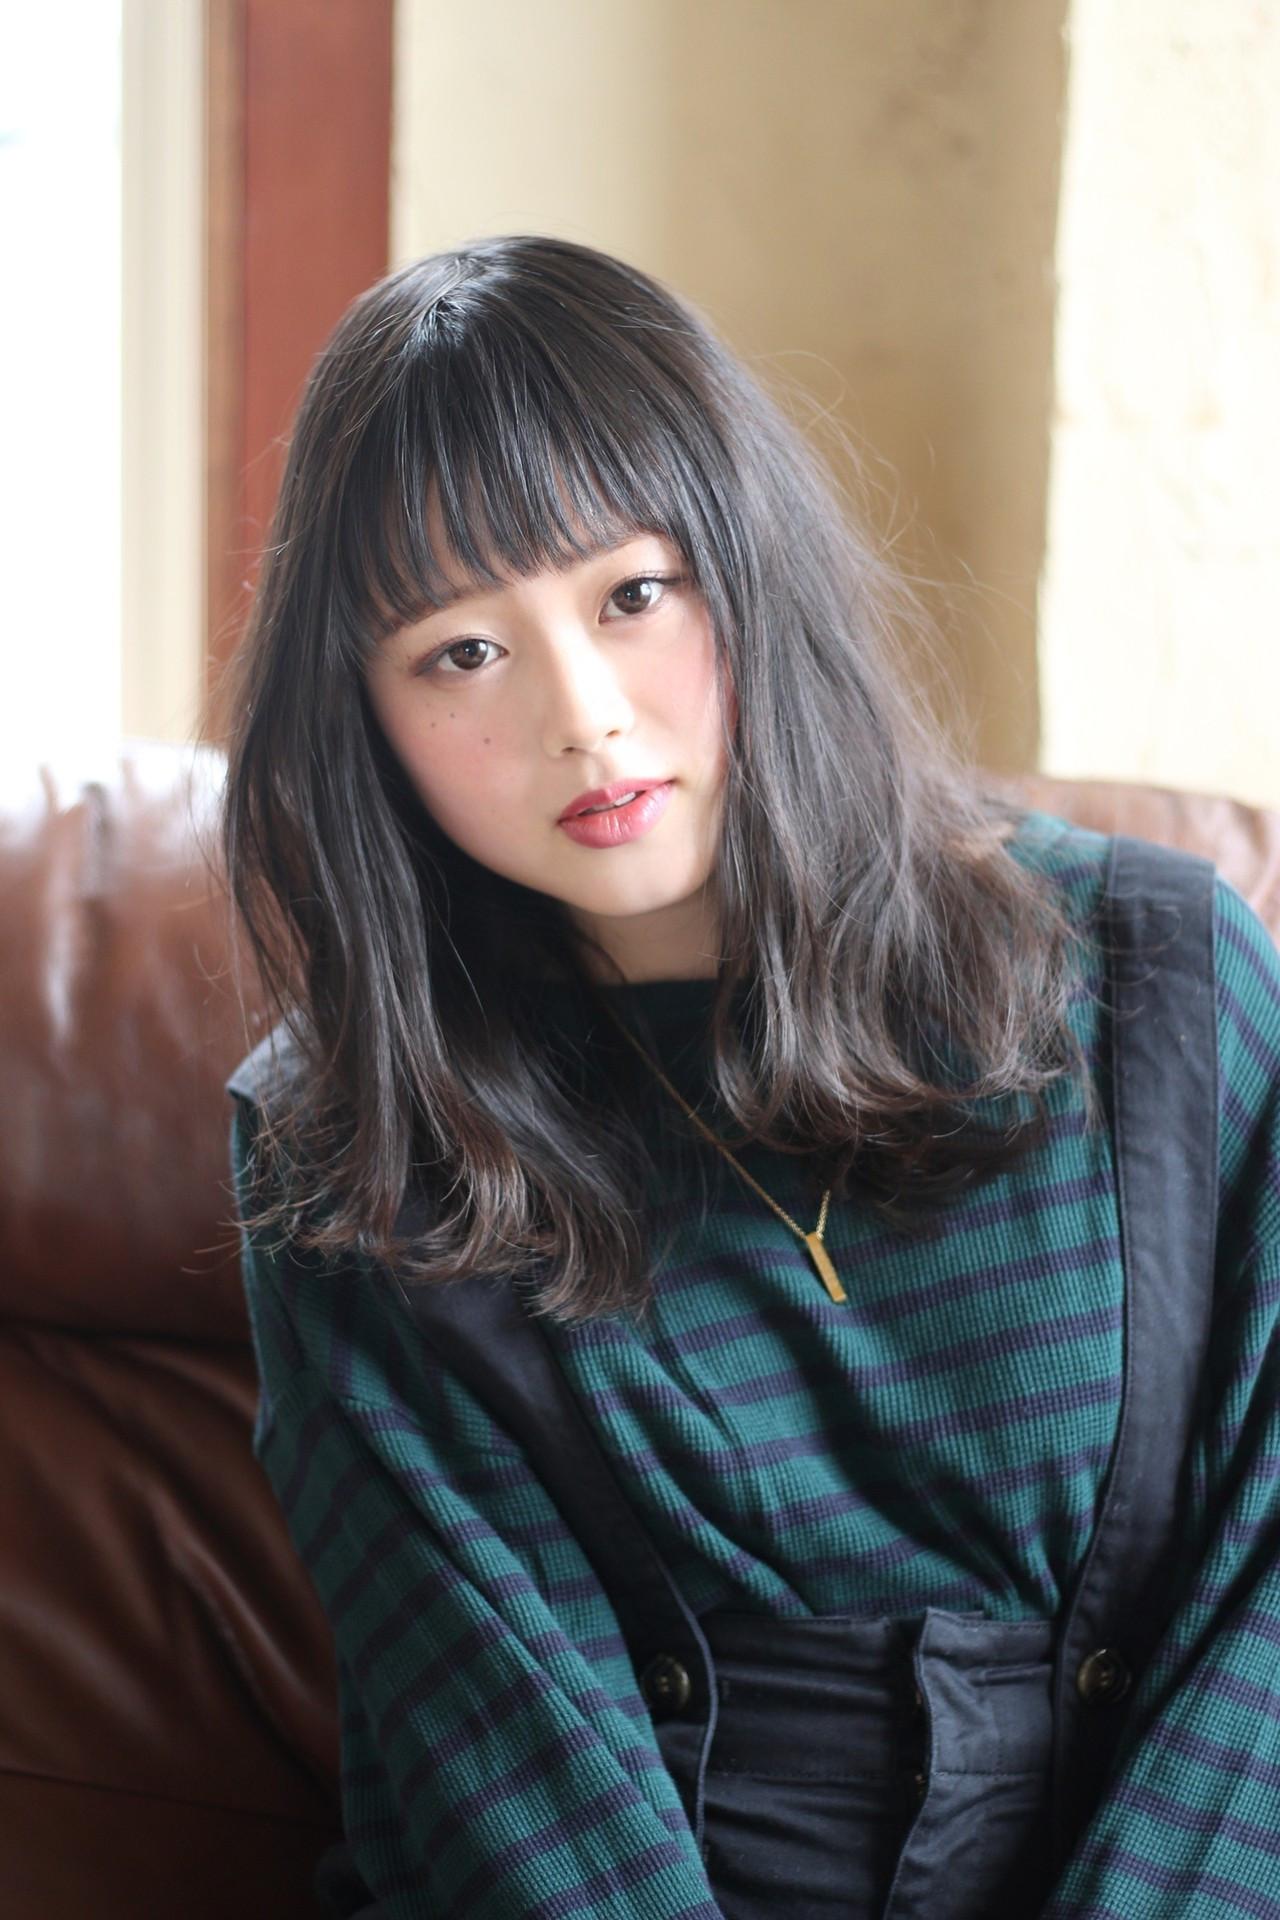 ミディアム 黒髪 暗髪 グレージュ ヘアスタイルや髪型の写真・画像